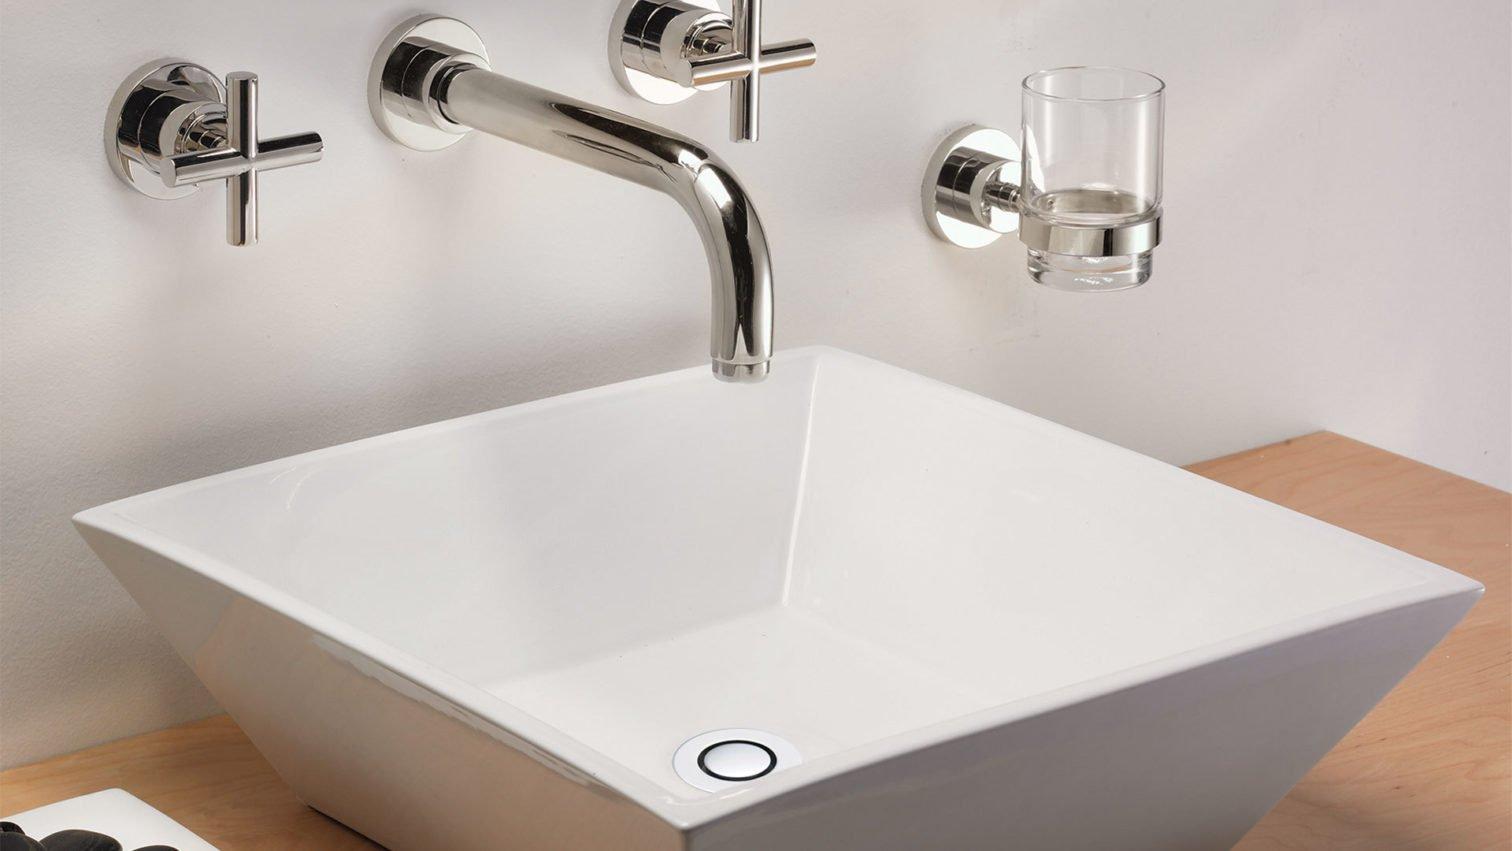 Tiburon wall faucet with ZeroDrain in sink